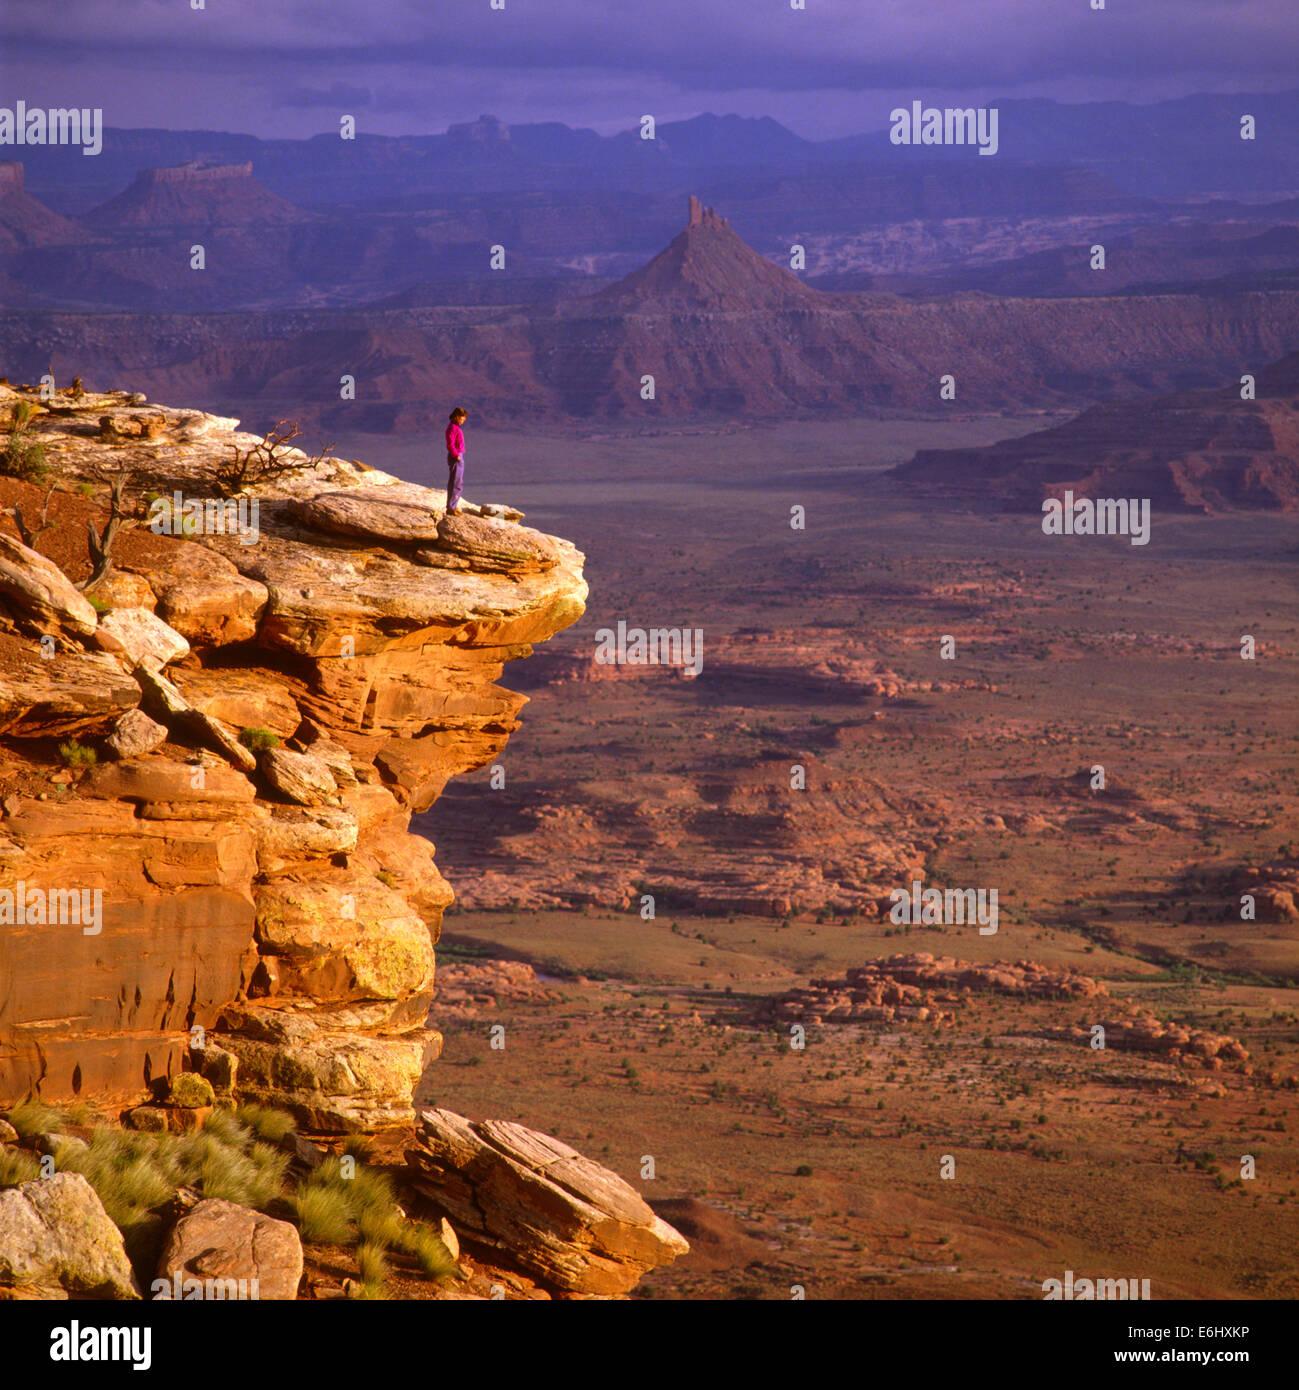 Laurie Brownell (R) en el Mirador de las agujas, el Parque Nacional Canyonlands, UT EE.UU. Imagen De Stock